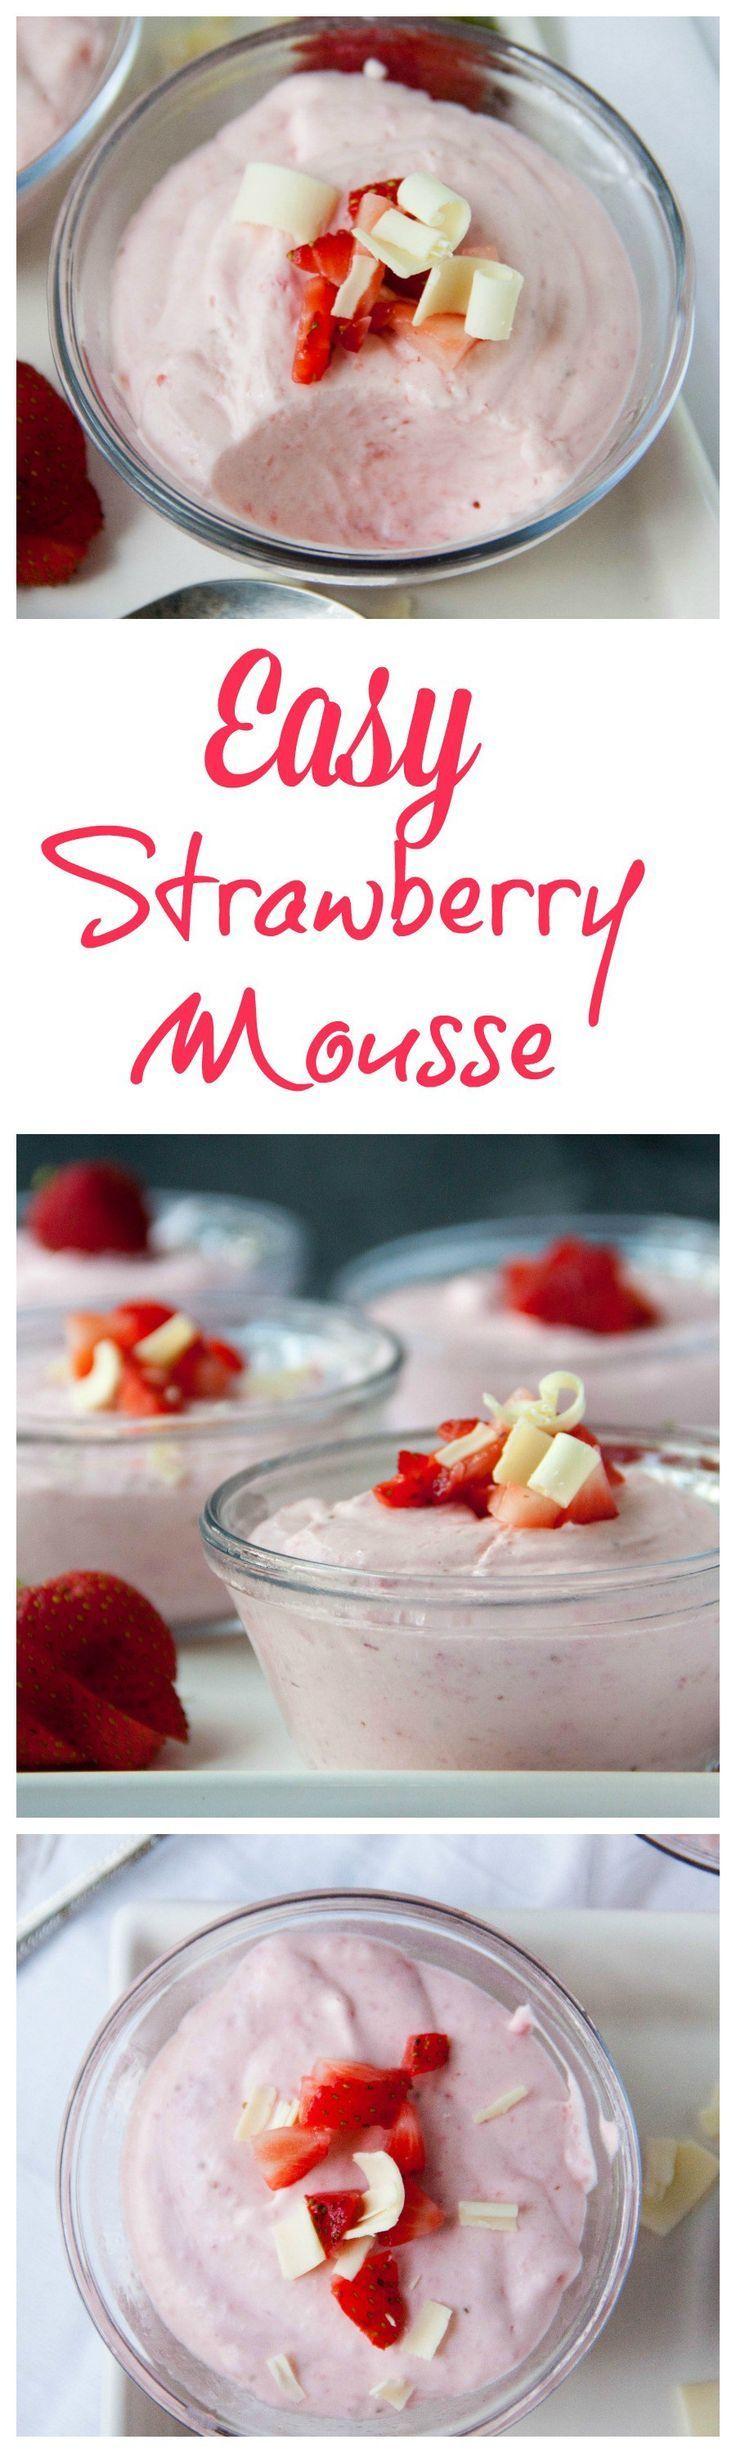 Easy Strawberry Mousse - Boston Girl Bakes